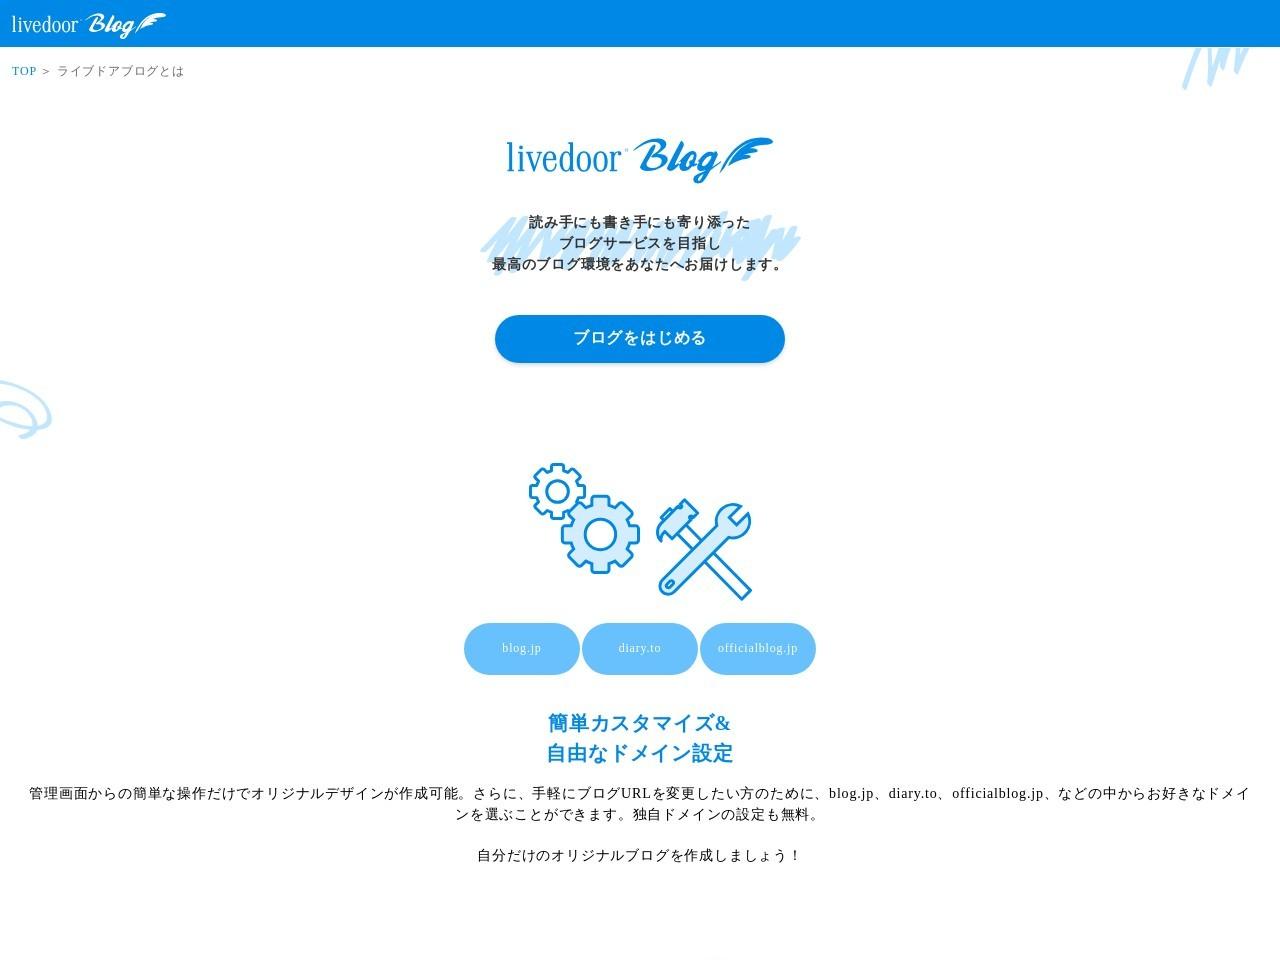 http://blog.livedoor.jp/poohcla/